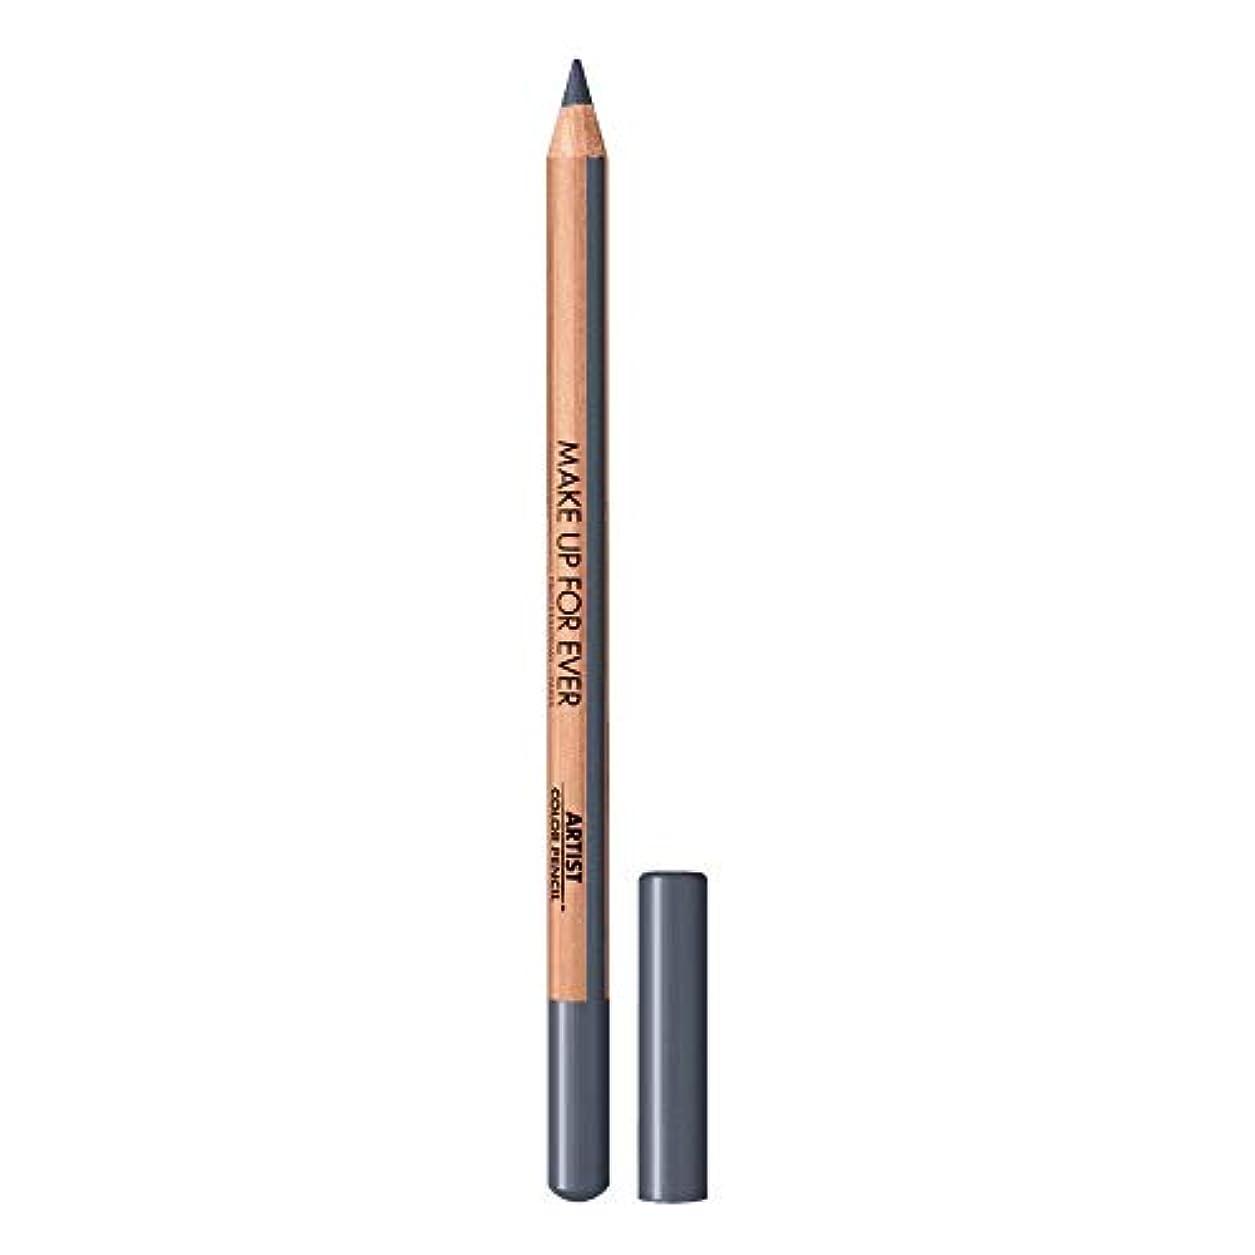 寓話ここに西部メイクアップフォーエバー Artist Color Pencil - # 200 Endless Blue 1.41g/0.04oz並行輸入品